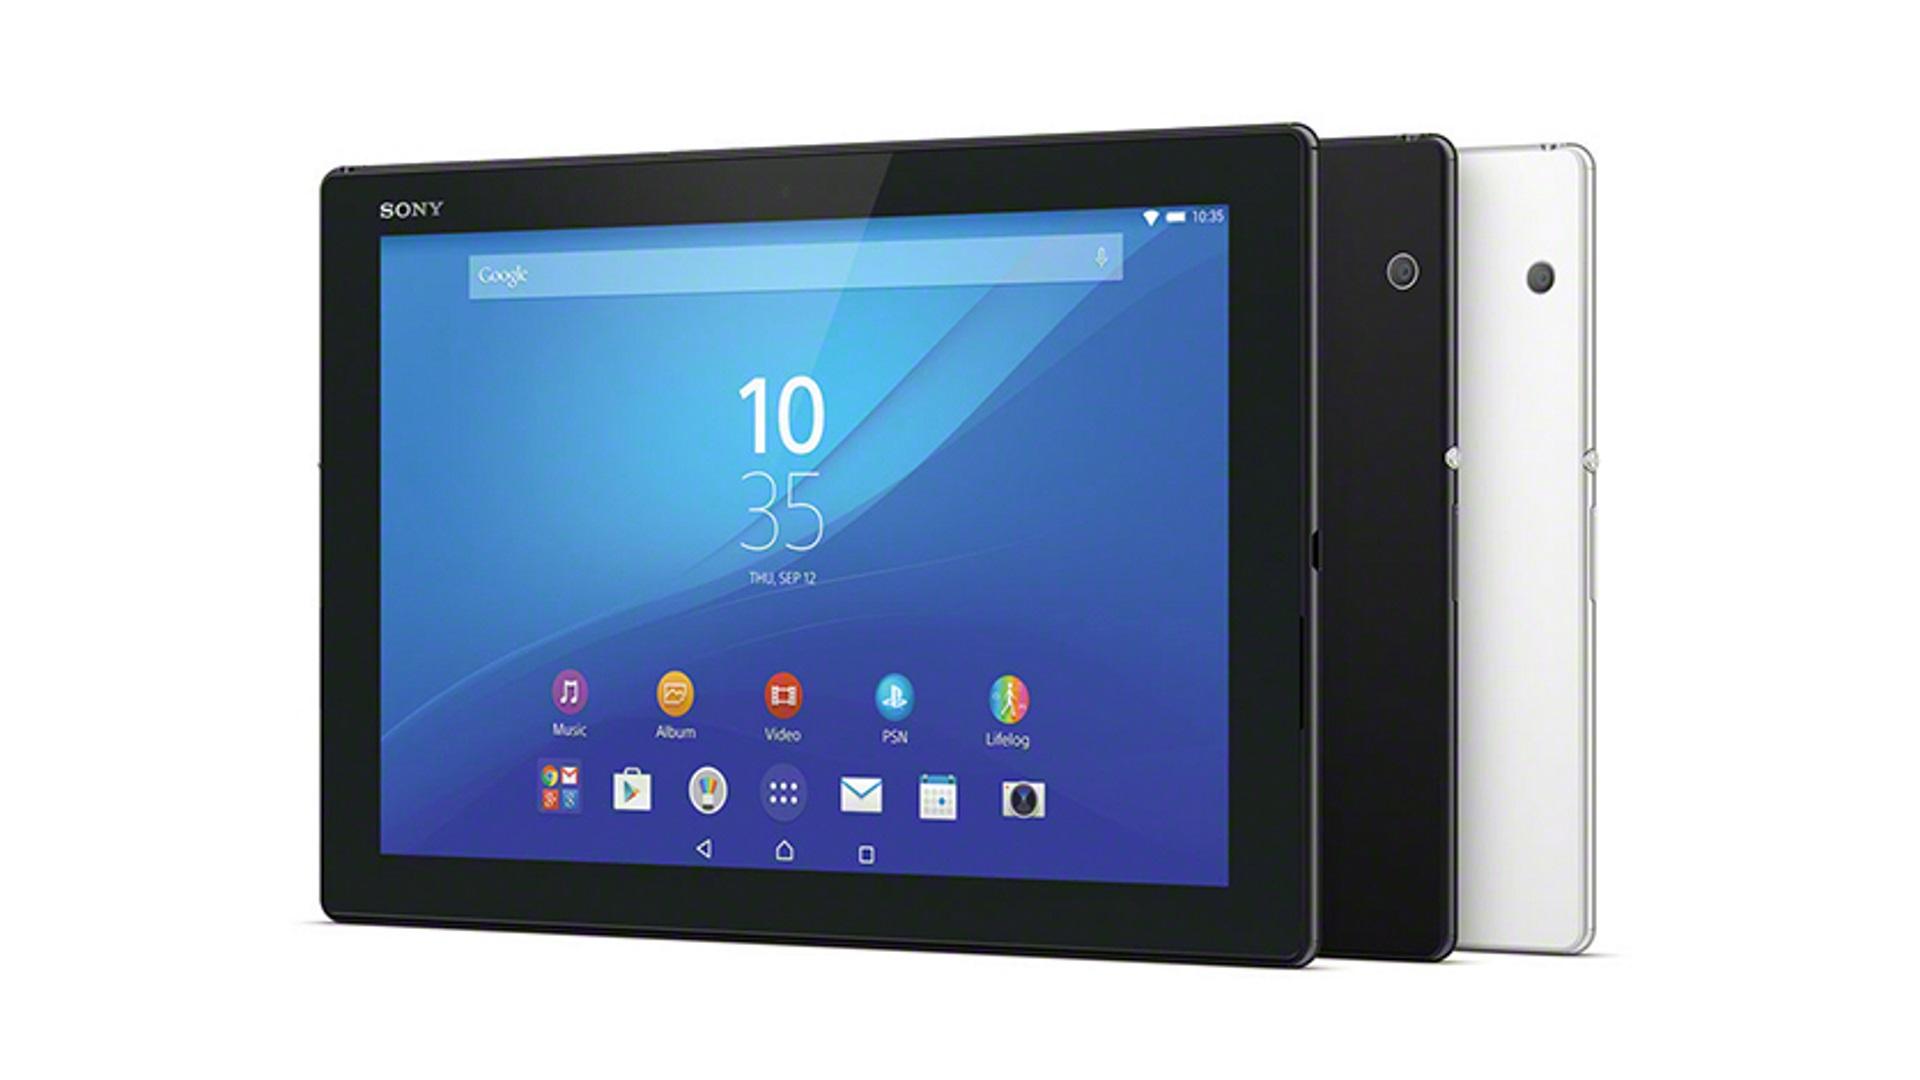 「Xperia Z4 Tablet(SGP712JP)」がもらえる!?アドベントが簡単なアンケートに答えるだけで抽選で対象商品がもらえるキャンペーンを開始